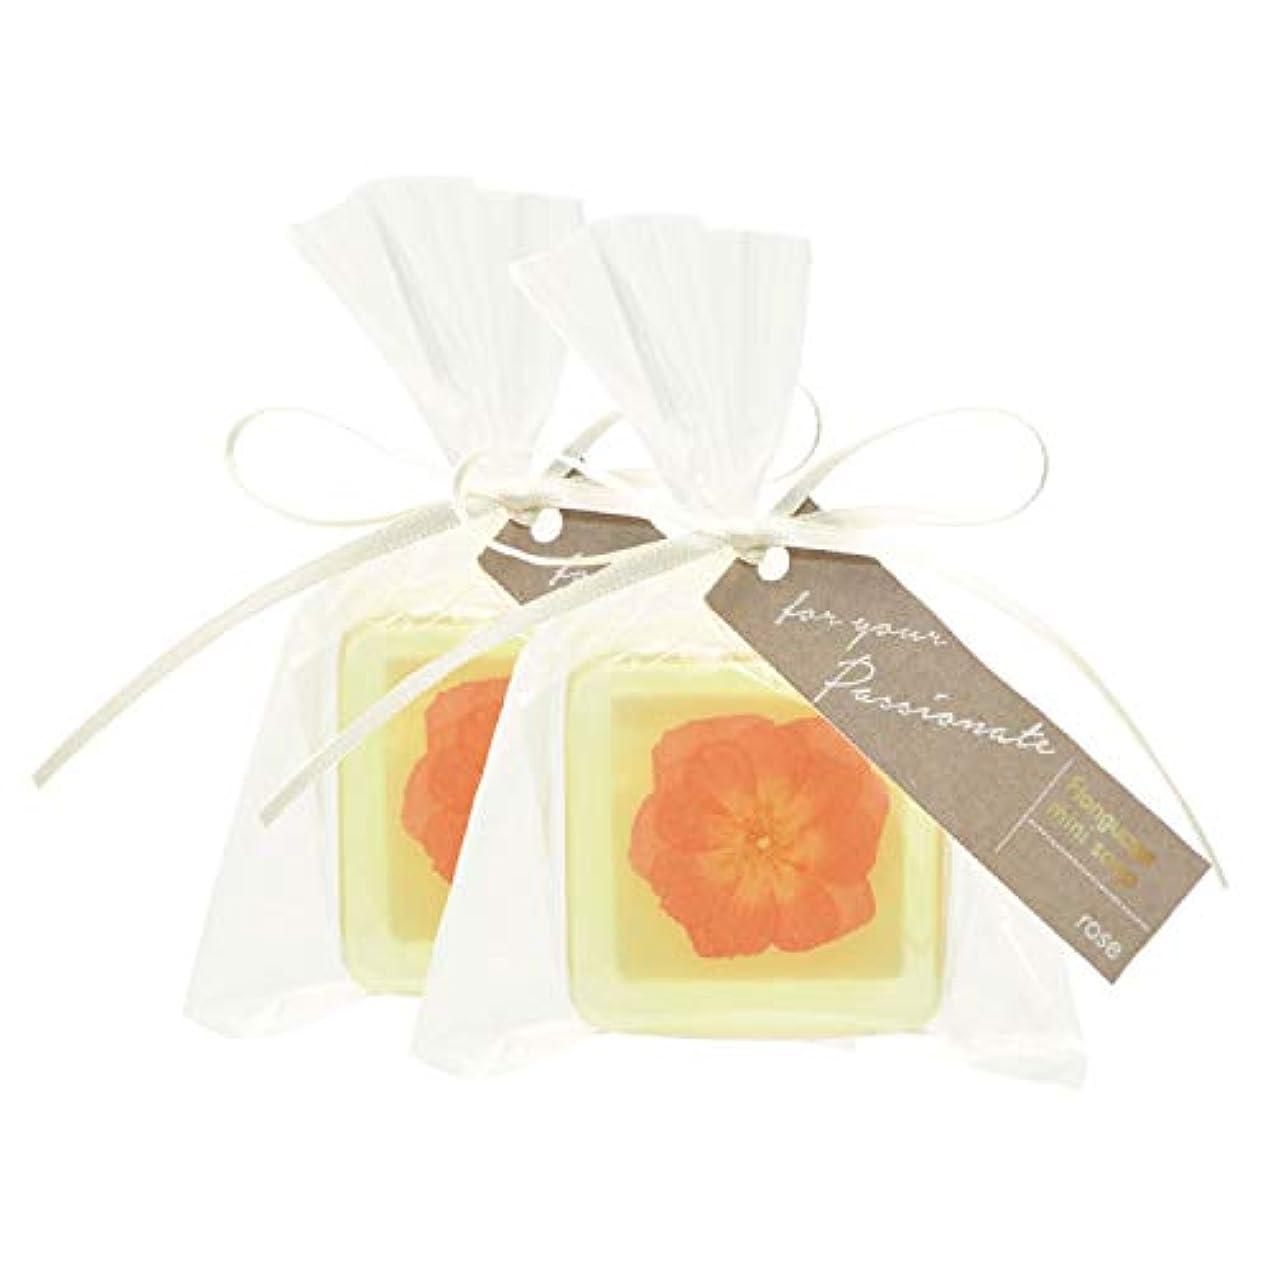 休暇勝者アメリカノルコーポレーション 石けん フランゲージ ミニソープ 2個セット 柑橘の香り OB-FMS-1-2